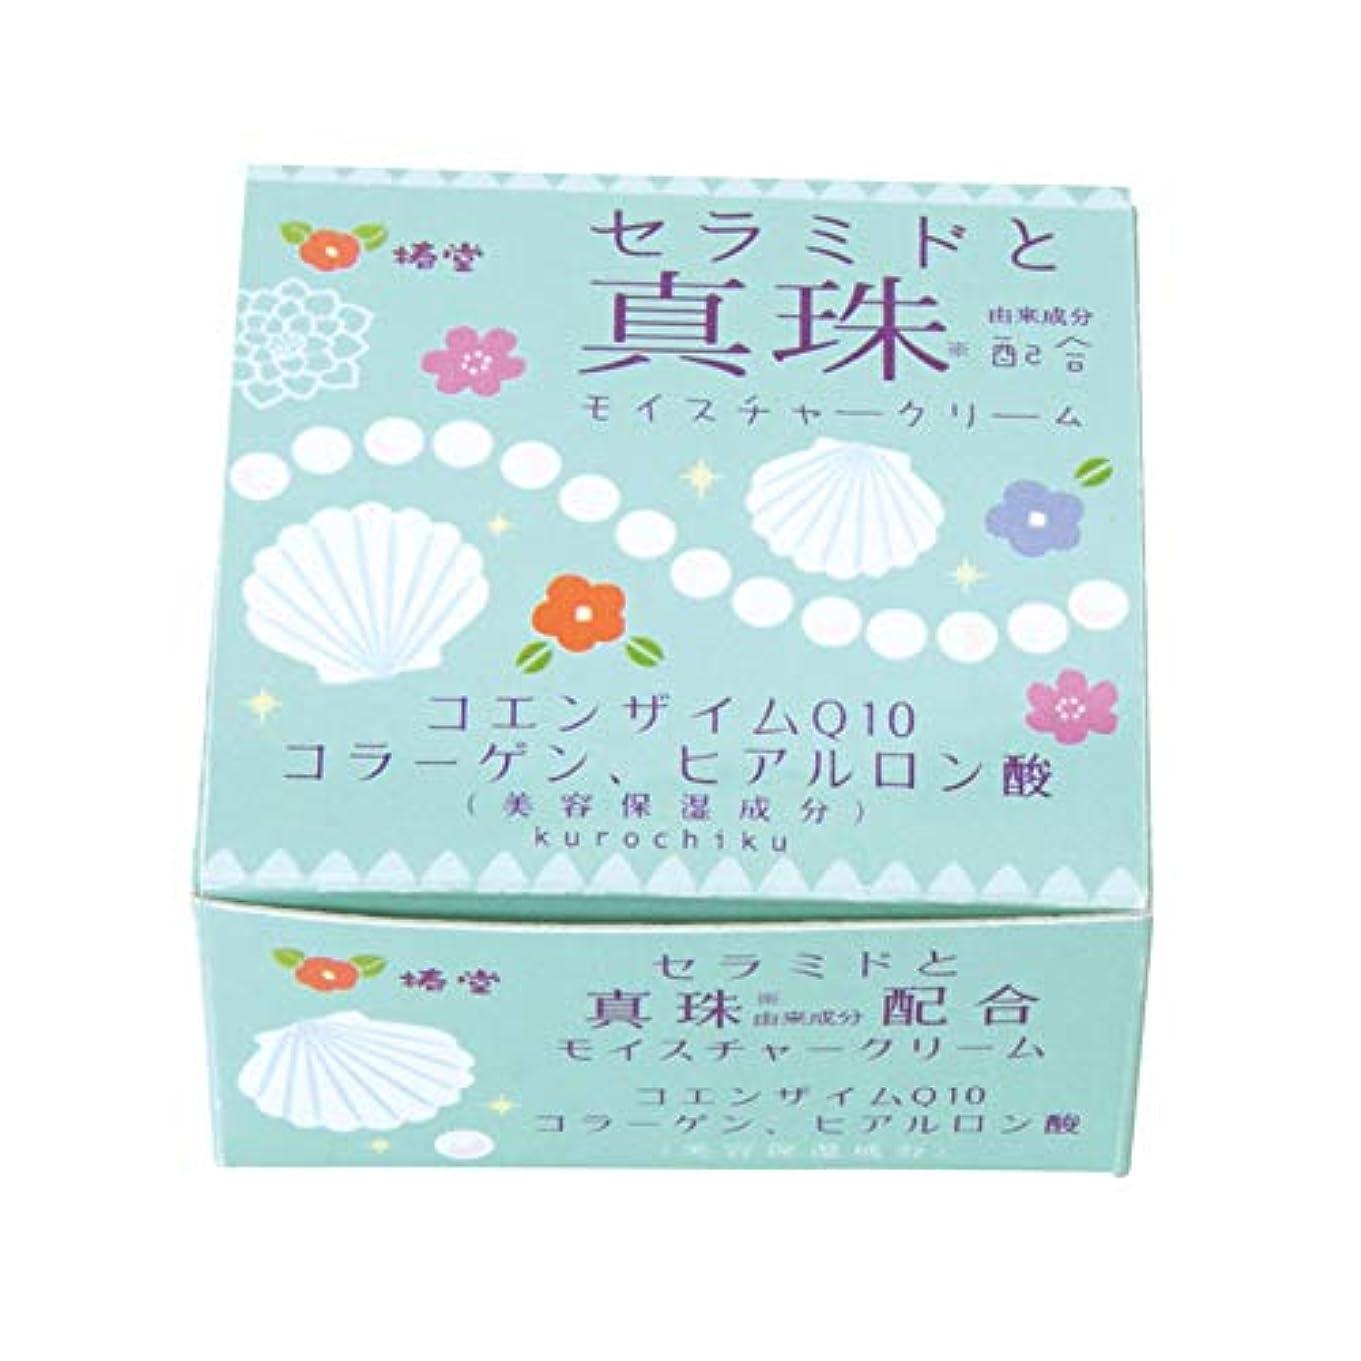 アナロジー物質認める椿堂 真珠モイスチャークリーム (セラミドと真珠) 京都くろちく